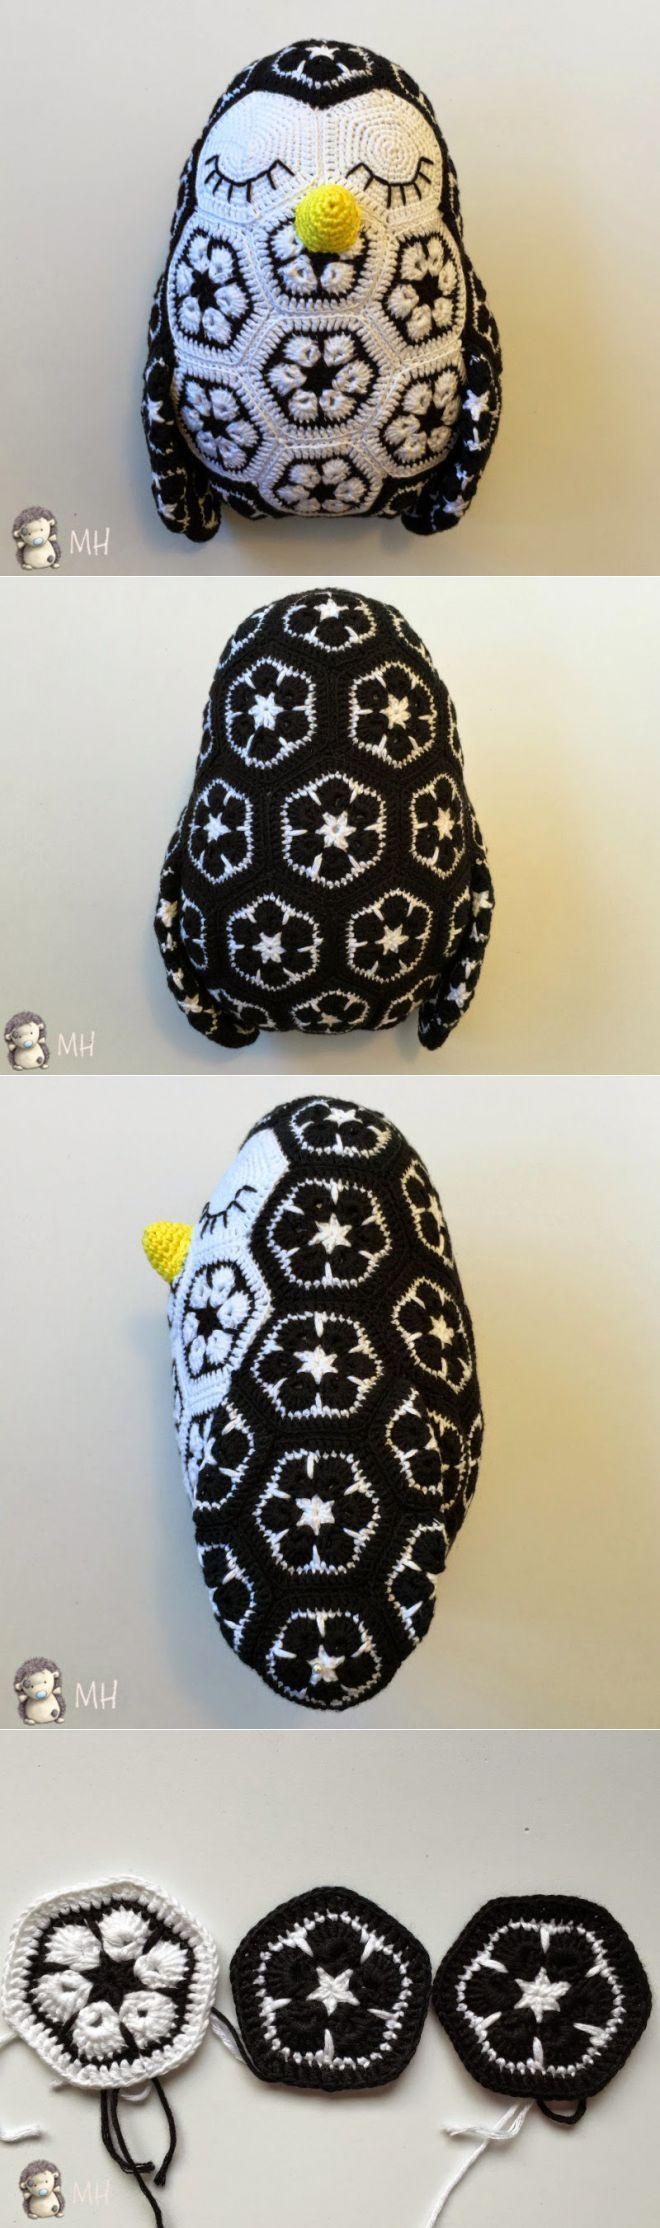 пингвин африканским цветком мастер класс: 20 тыс изображений найдено в Яндекс.Картинках